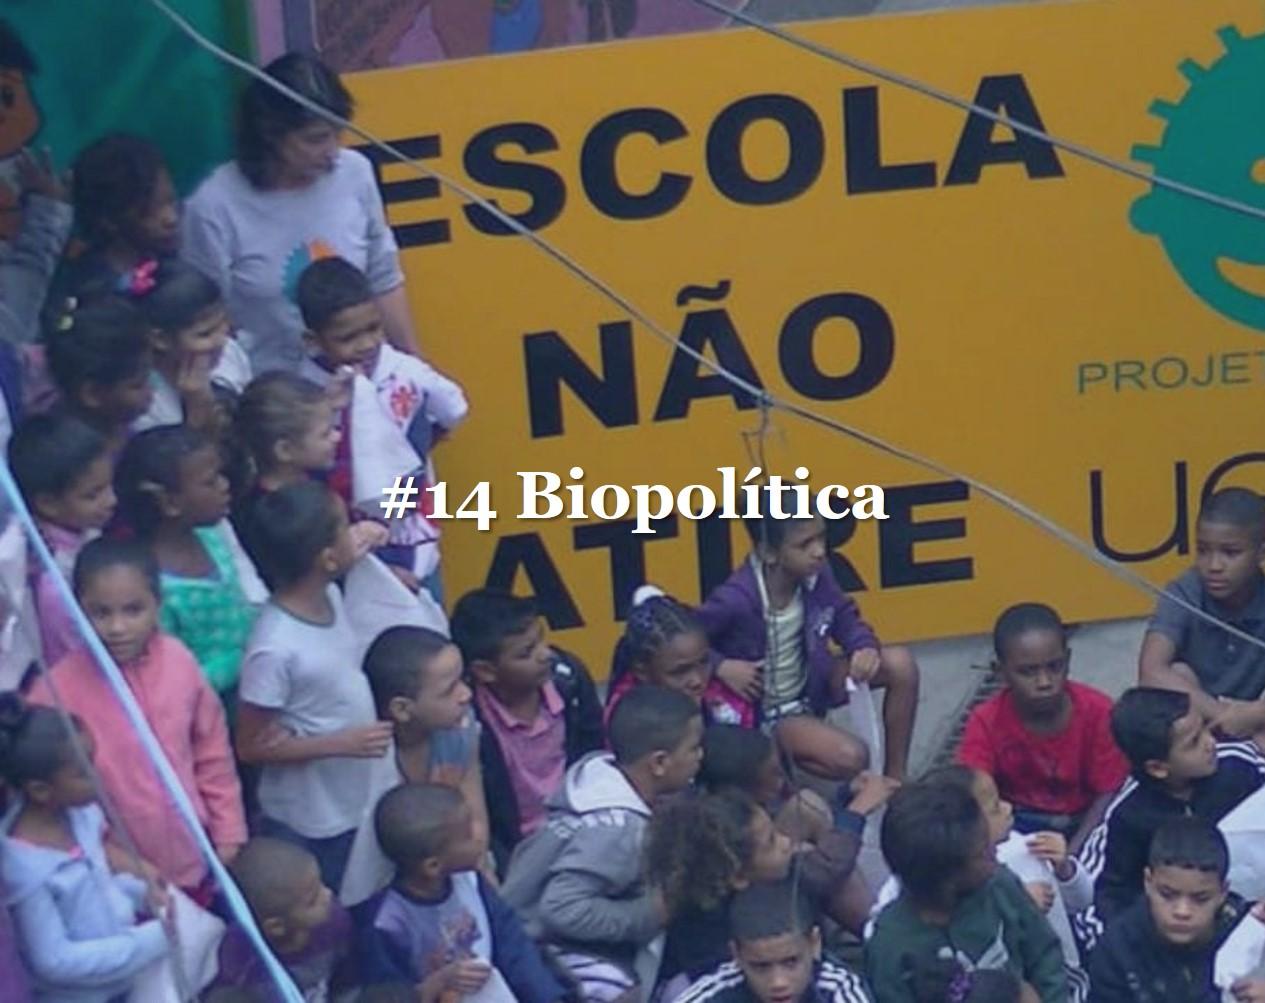 #14 - Biopolítica site